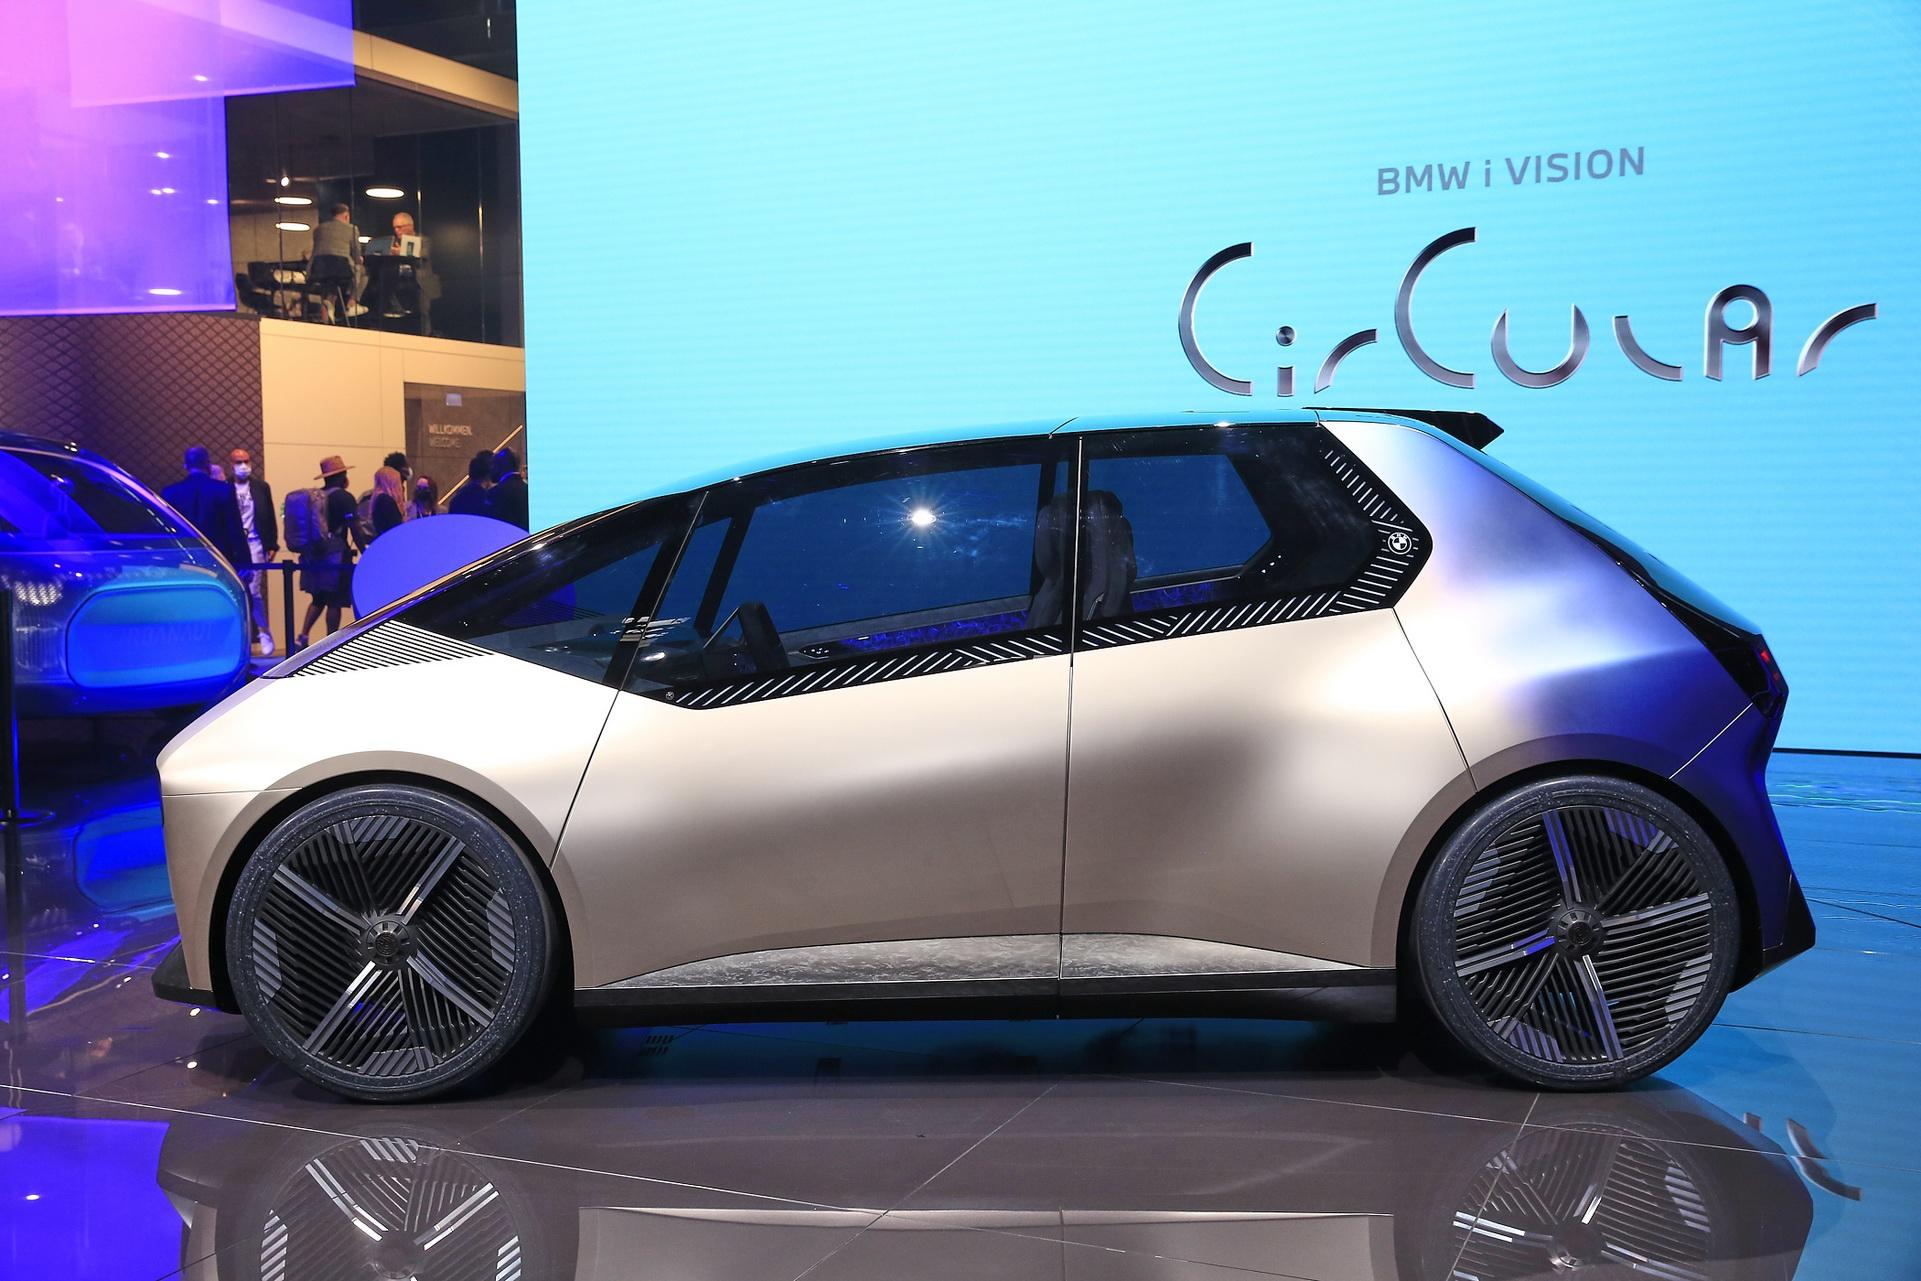 Quên Kia Morning, Hyundai Grand i10 đi, đây sẽ là mẫu xe đi phố của 20 năm sau - Ảnh 2.